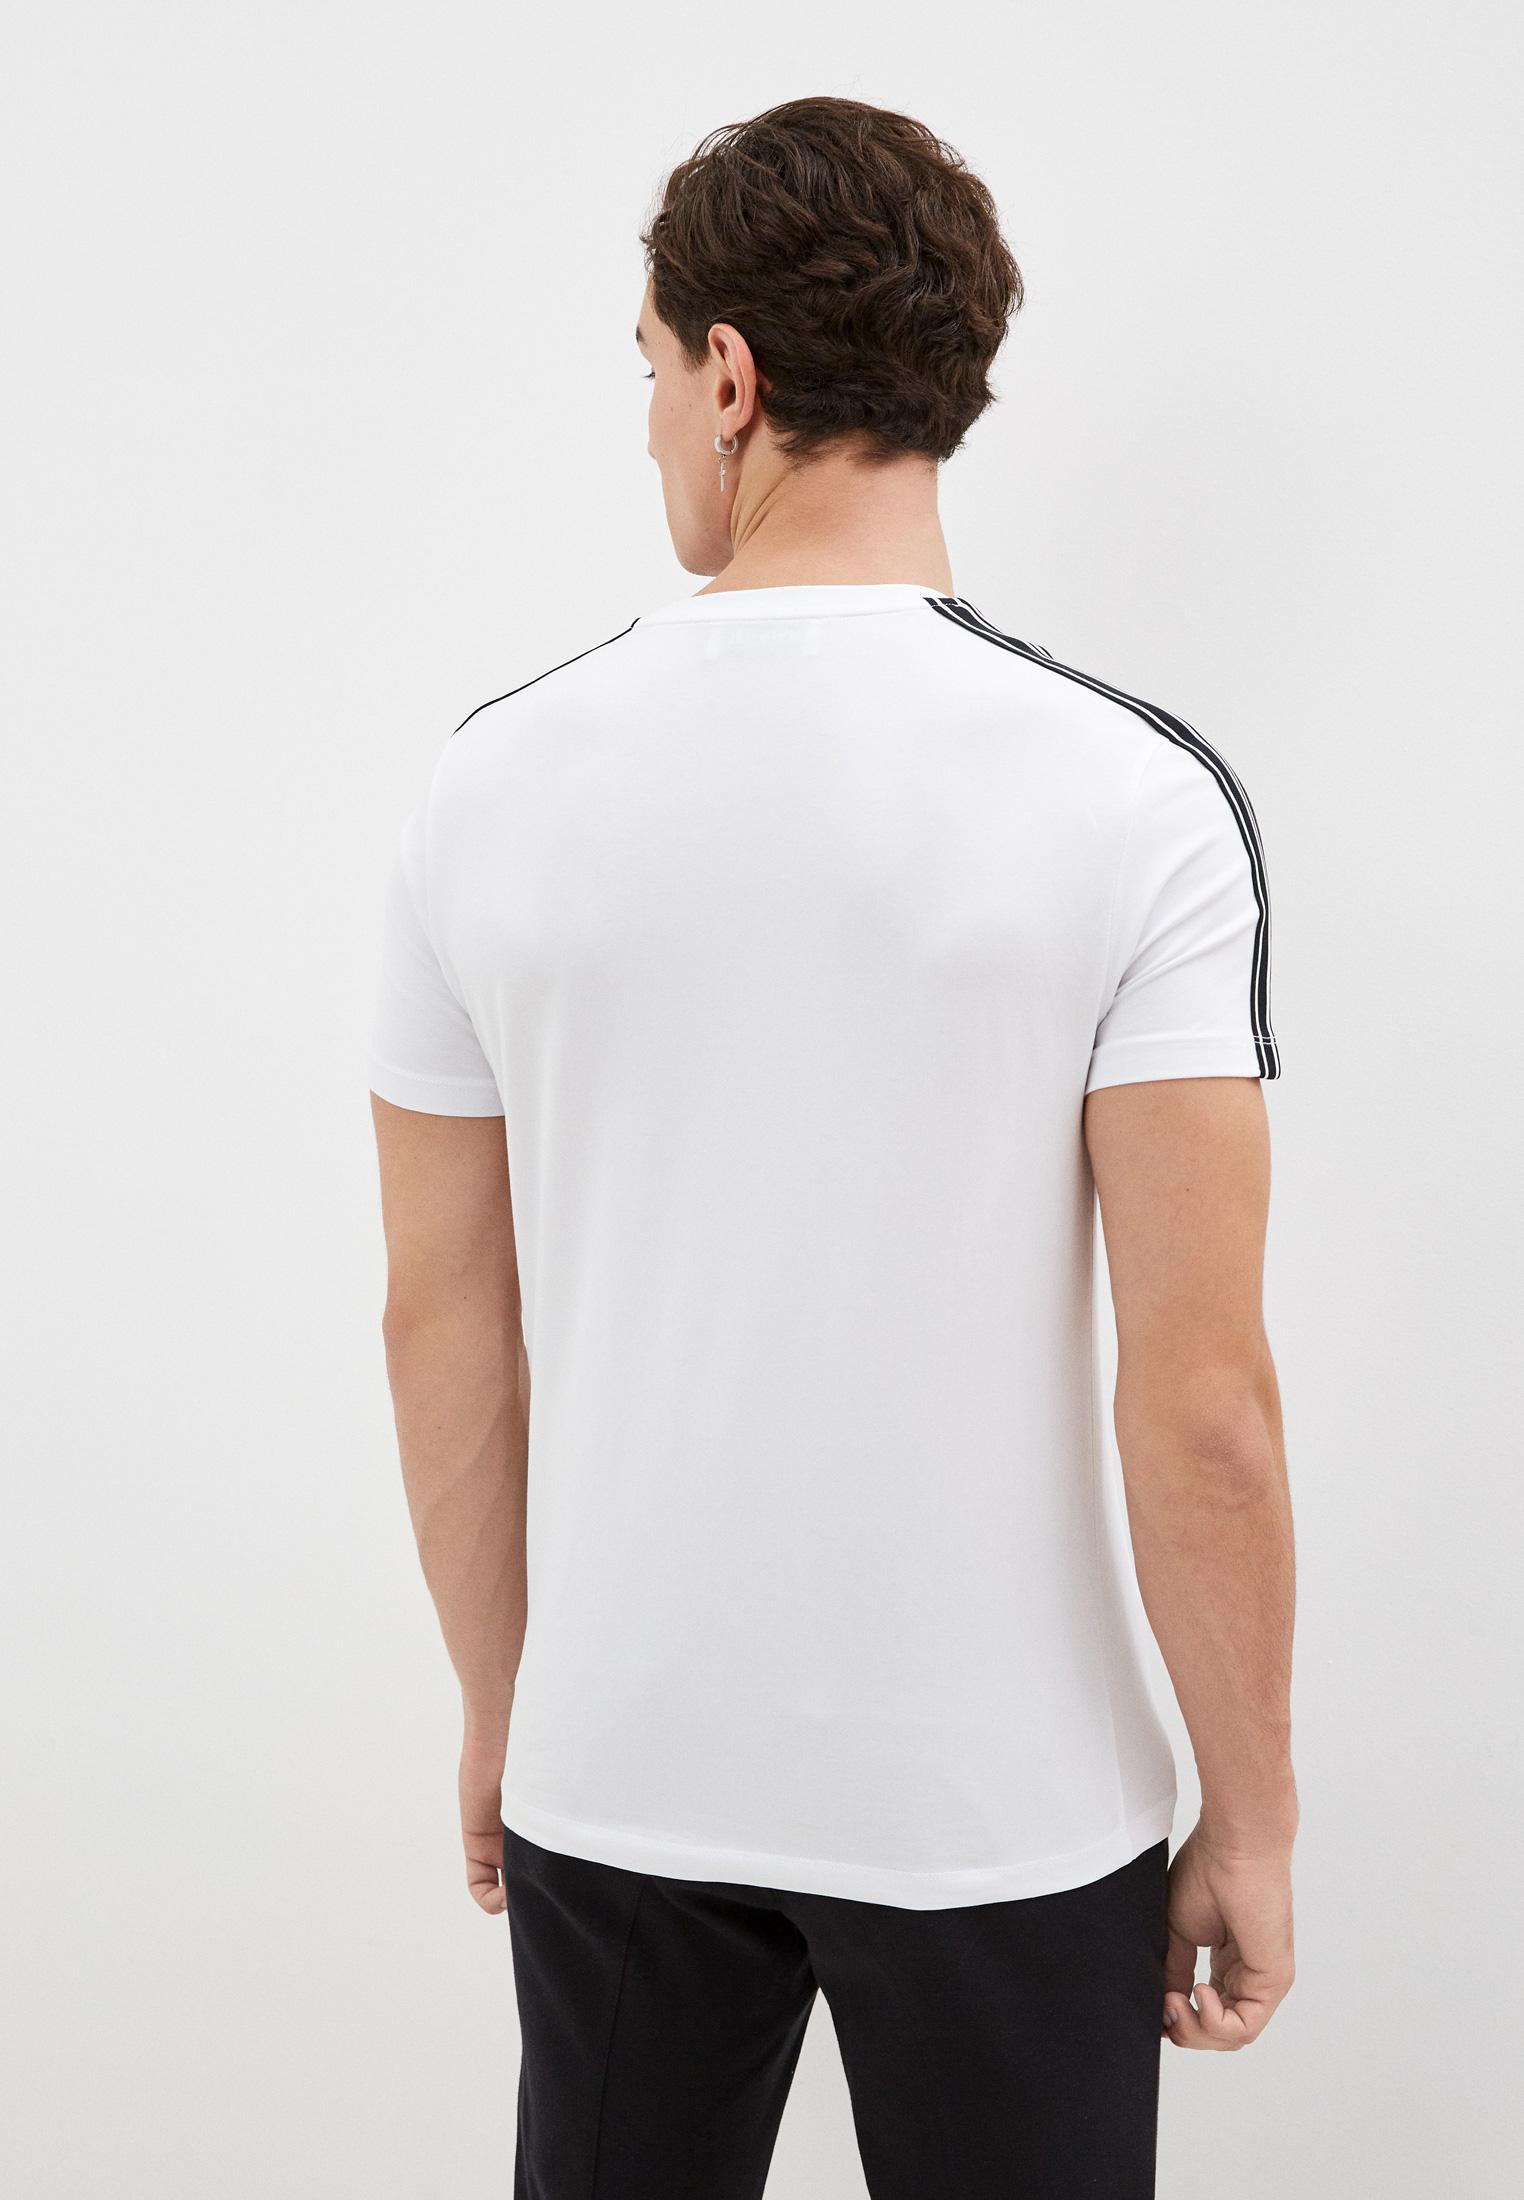 Мужская футболка Bikkembergs (Биккембергс) C 7 001 4A E 1814: изображение 4